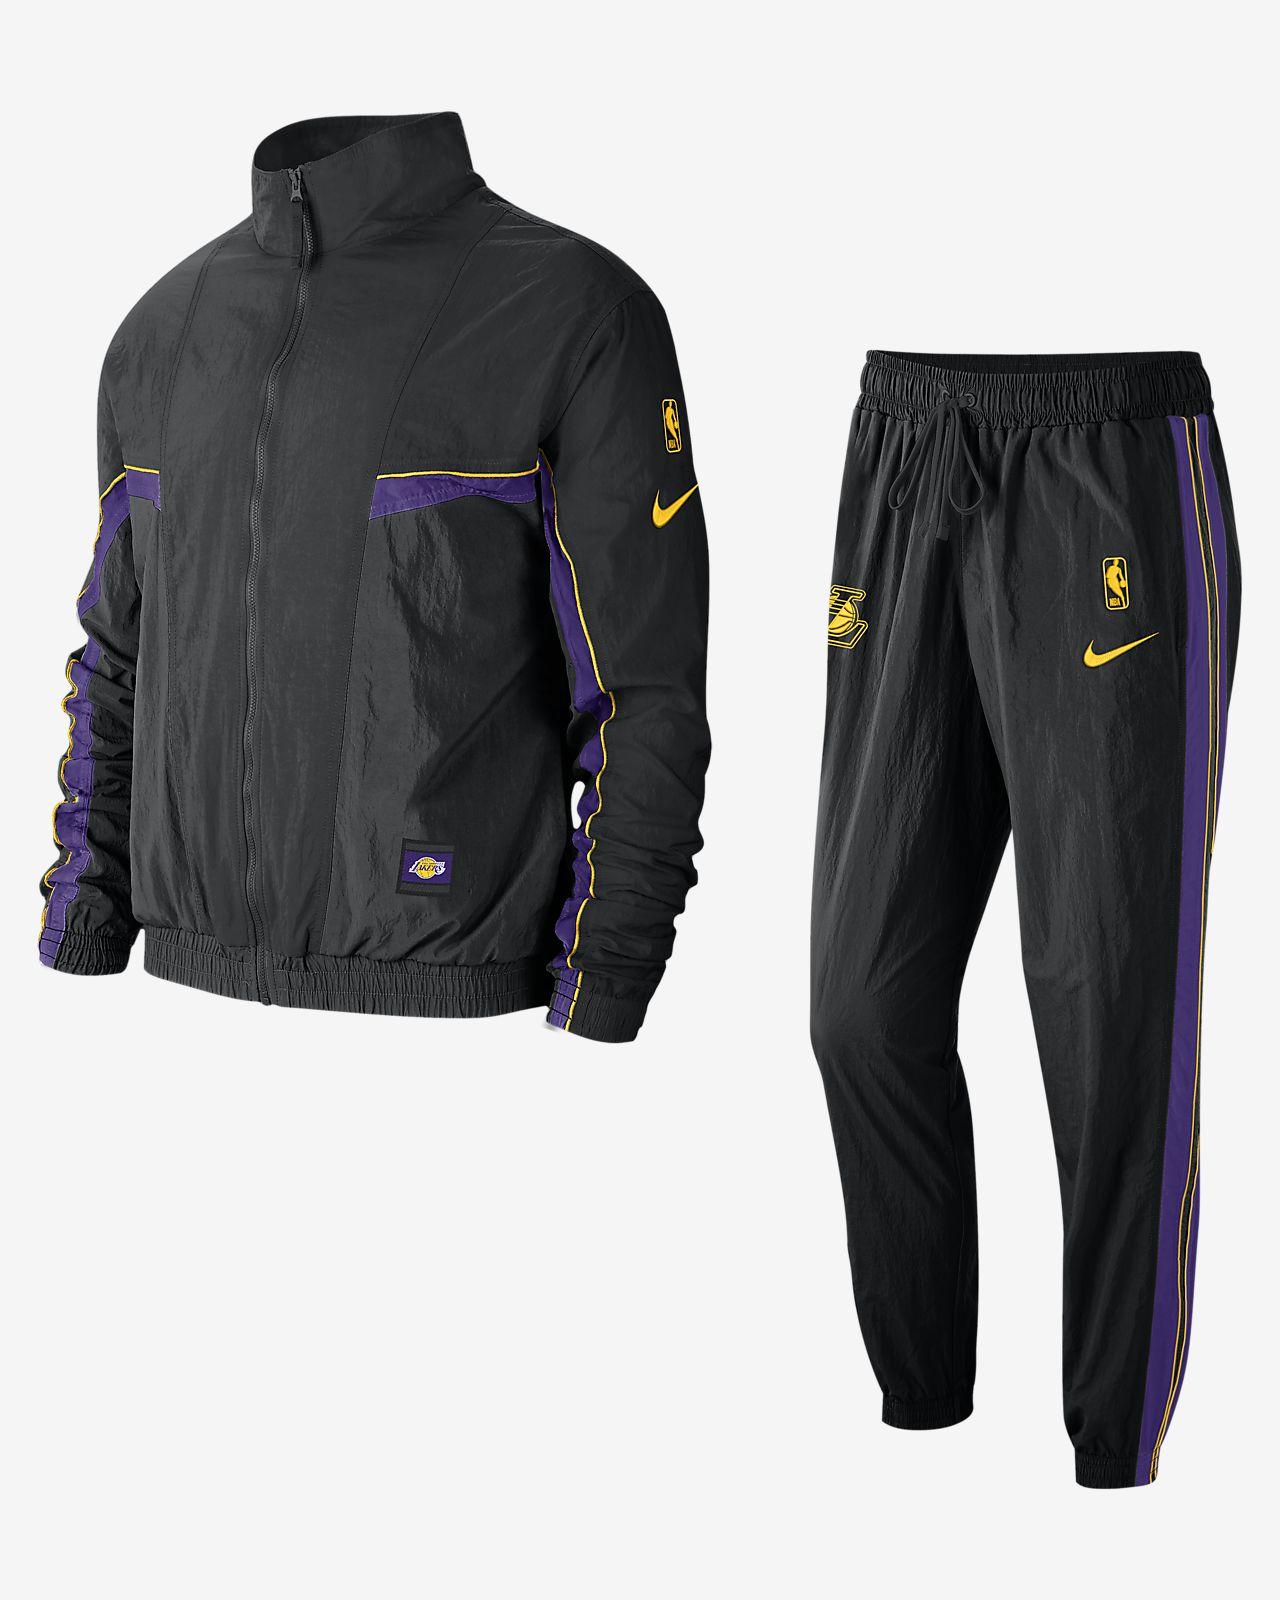 Los Angeles Lakers Nike Chándal de la NBA - Hombre